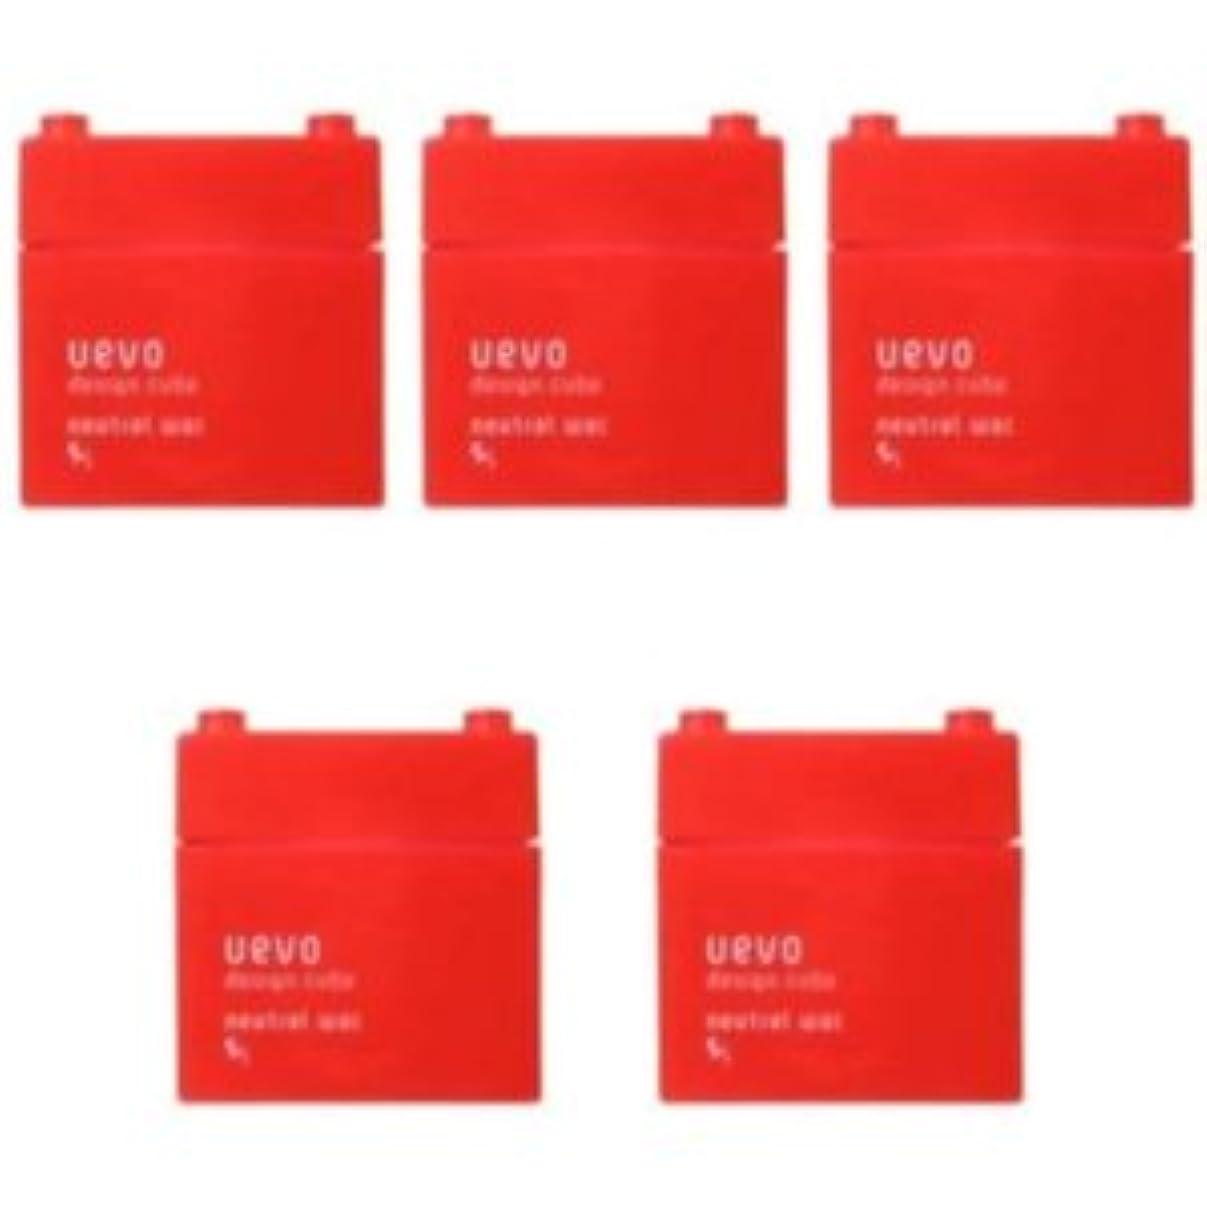 恐怖症ニコチン転倒【X5個セット】 デミ ウェーボ デザインキューブ ニュートラルワックス 80g neutral wax DEMI uevo design cube